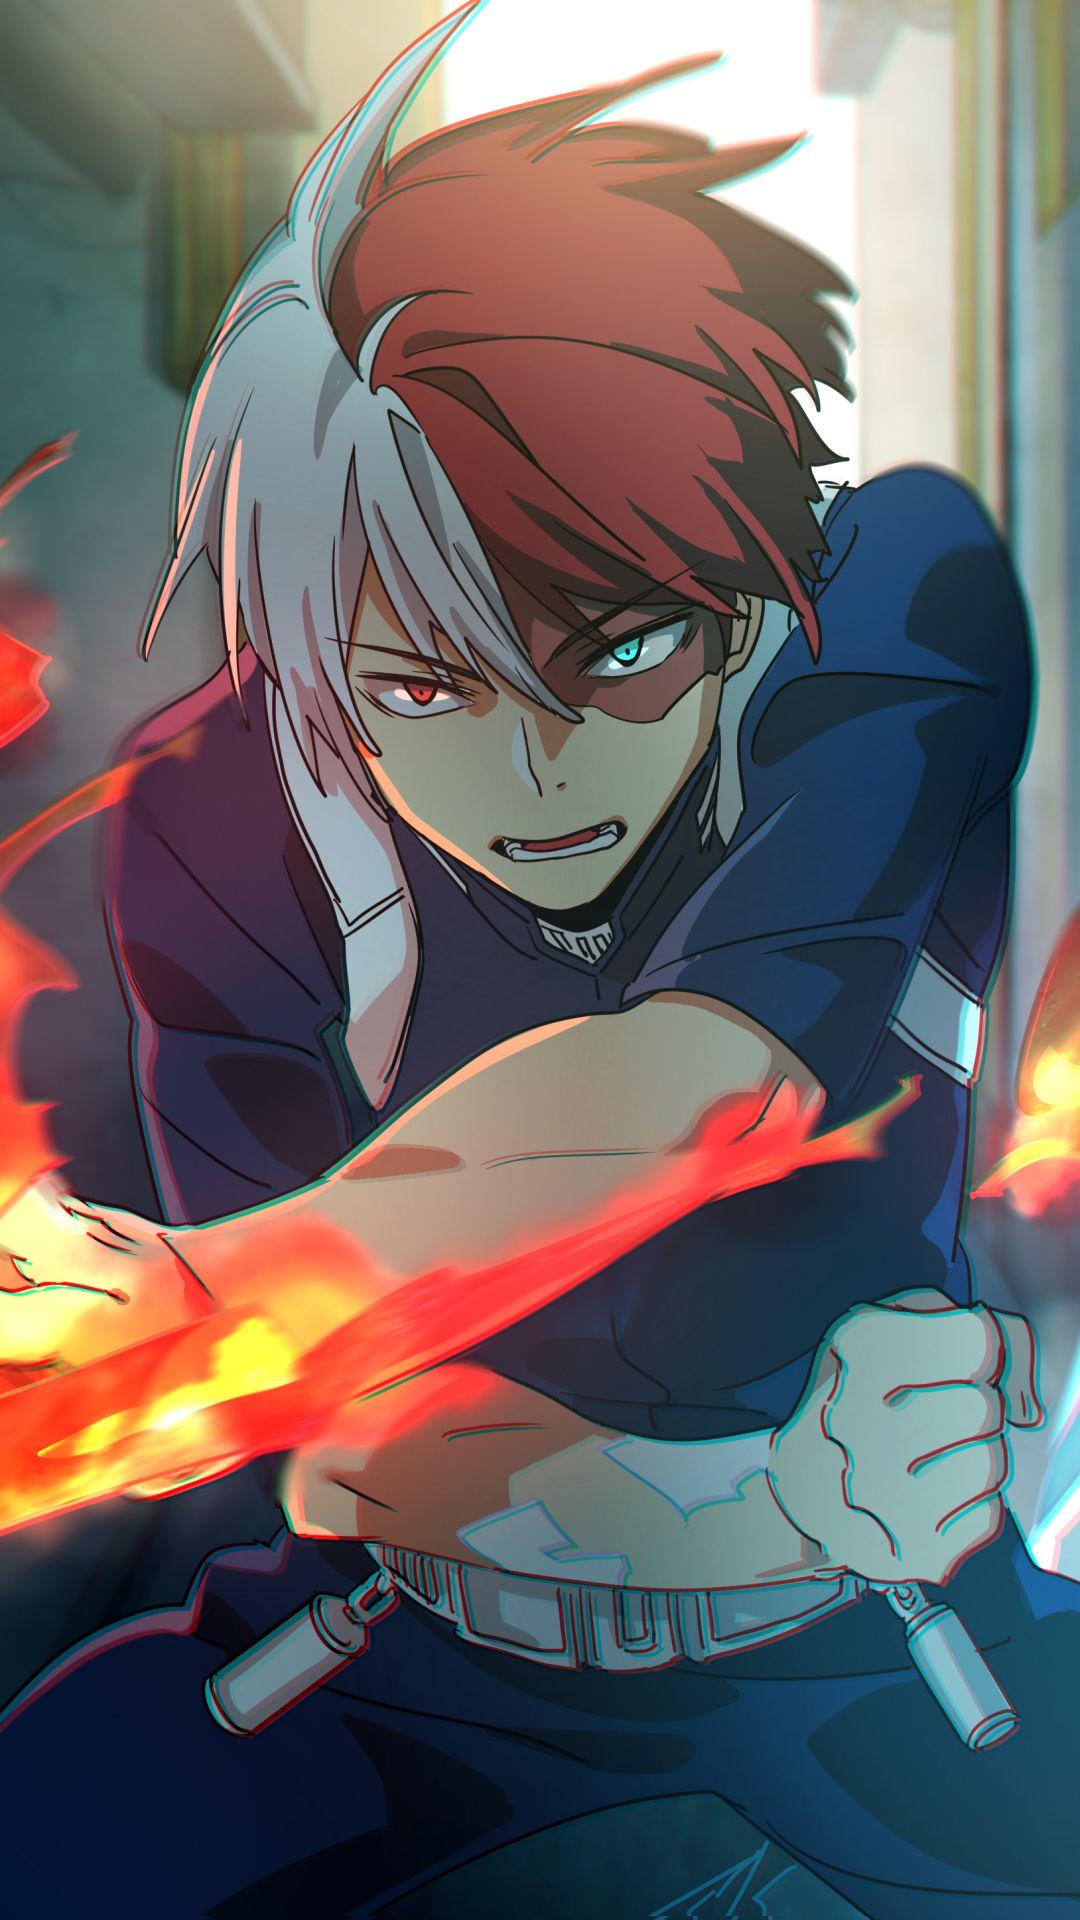 Todoroki Shouto, Arte mangá, Personagens de anime